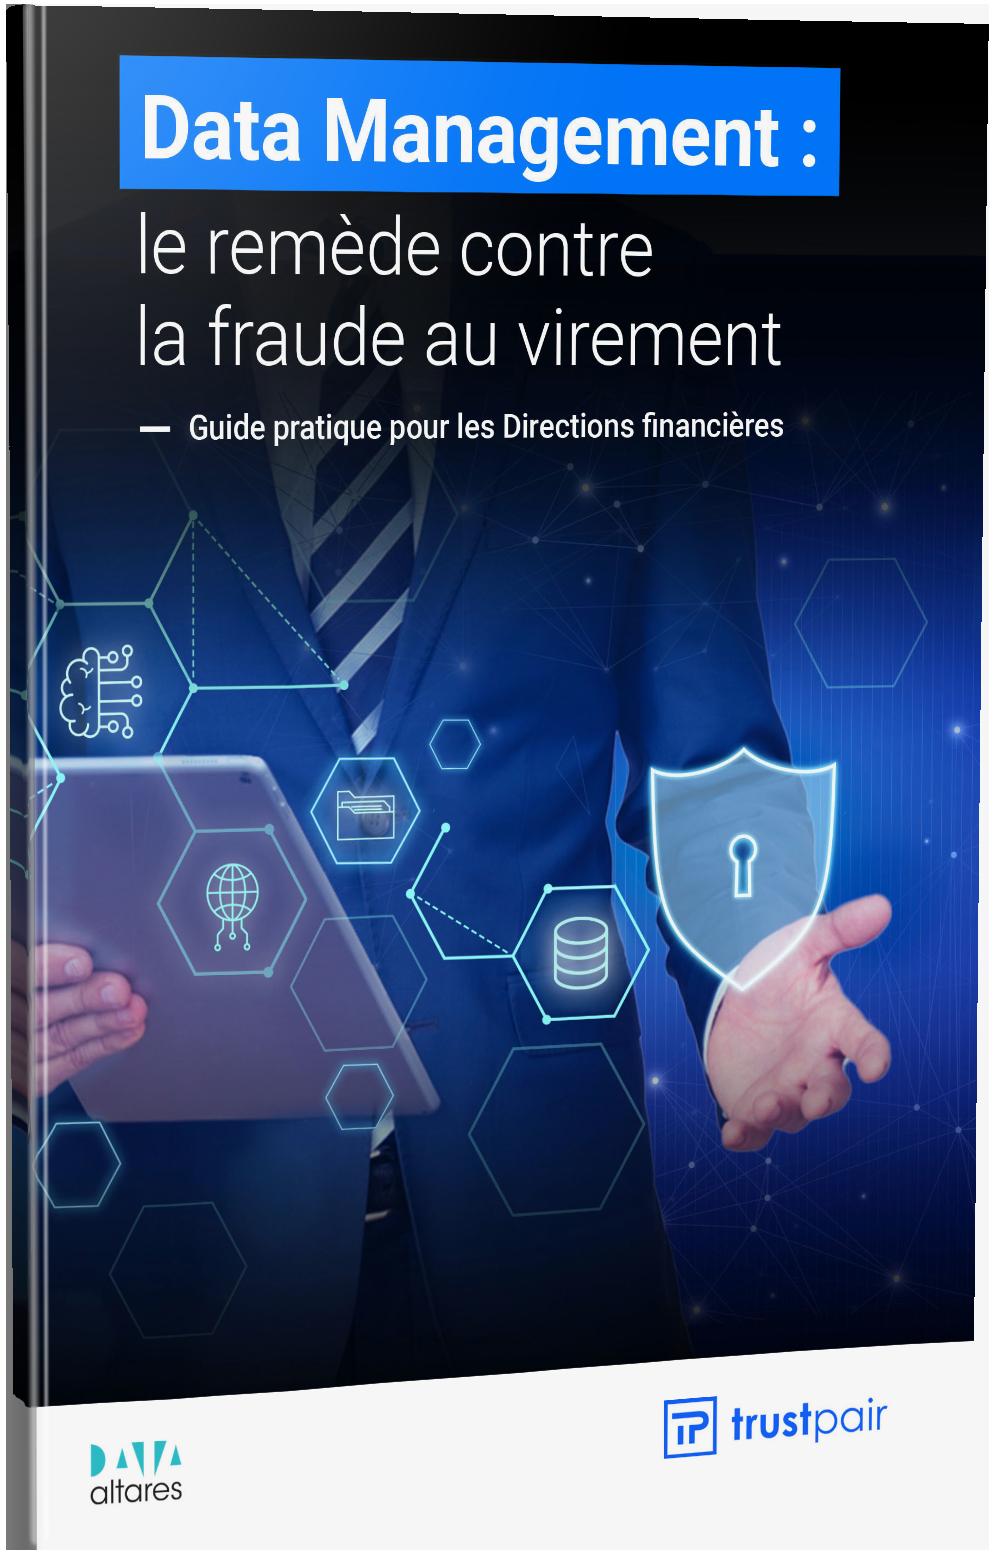 Data Management et lutte contre la fraude - Trustpair x Altares